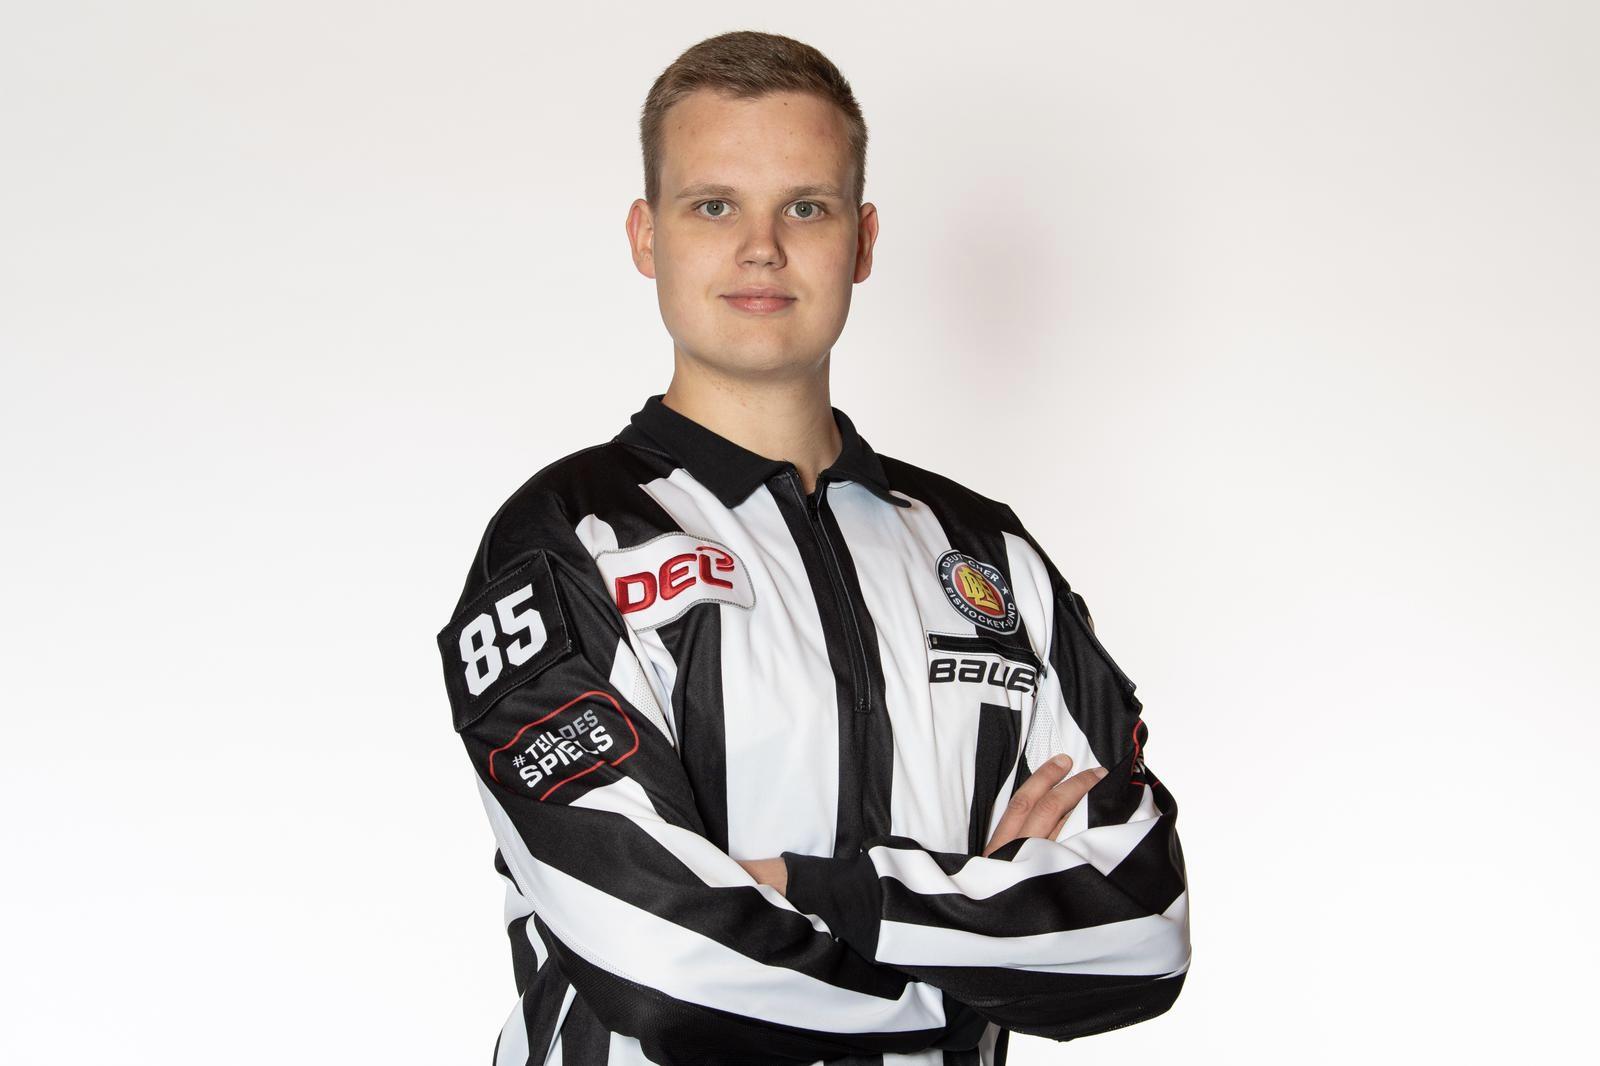 Kai Jürgens